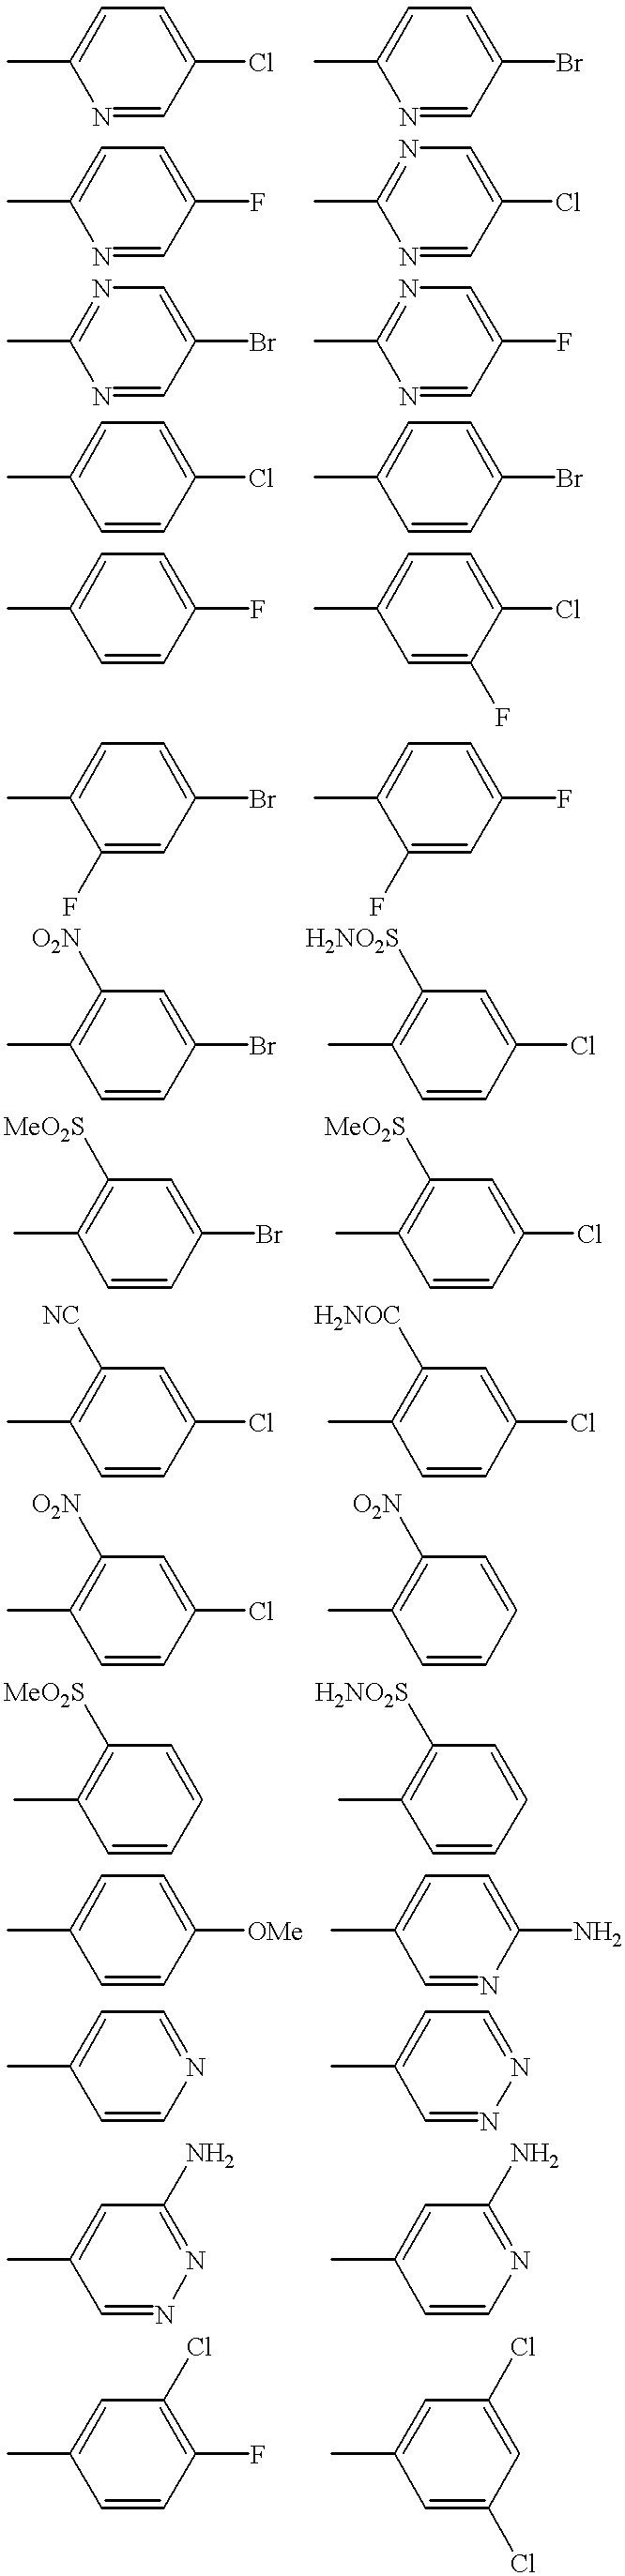 Figure US06376515-20020423-C00024